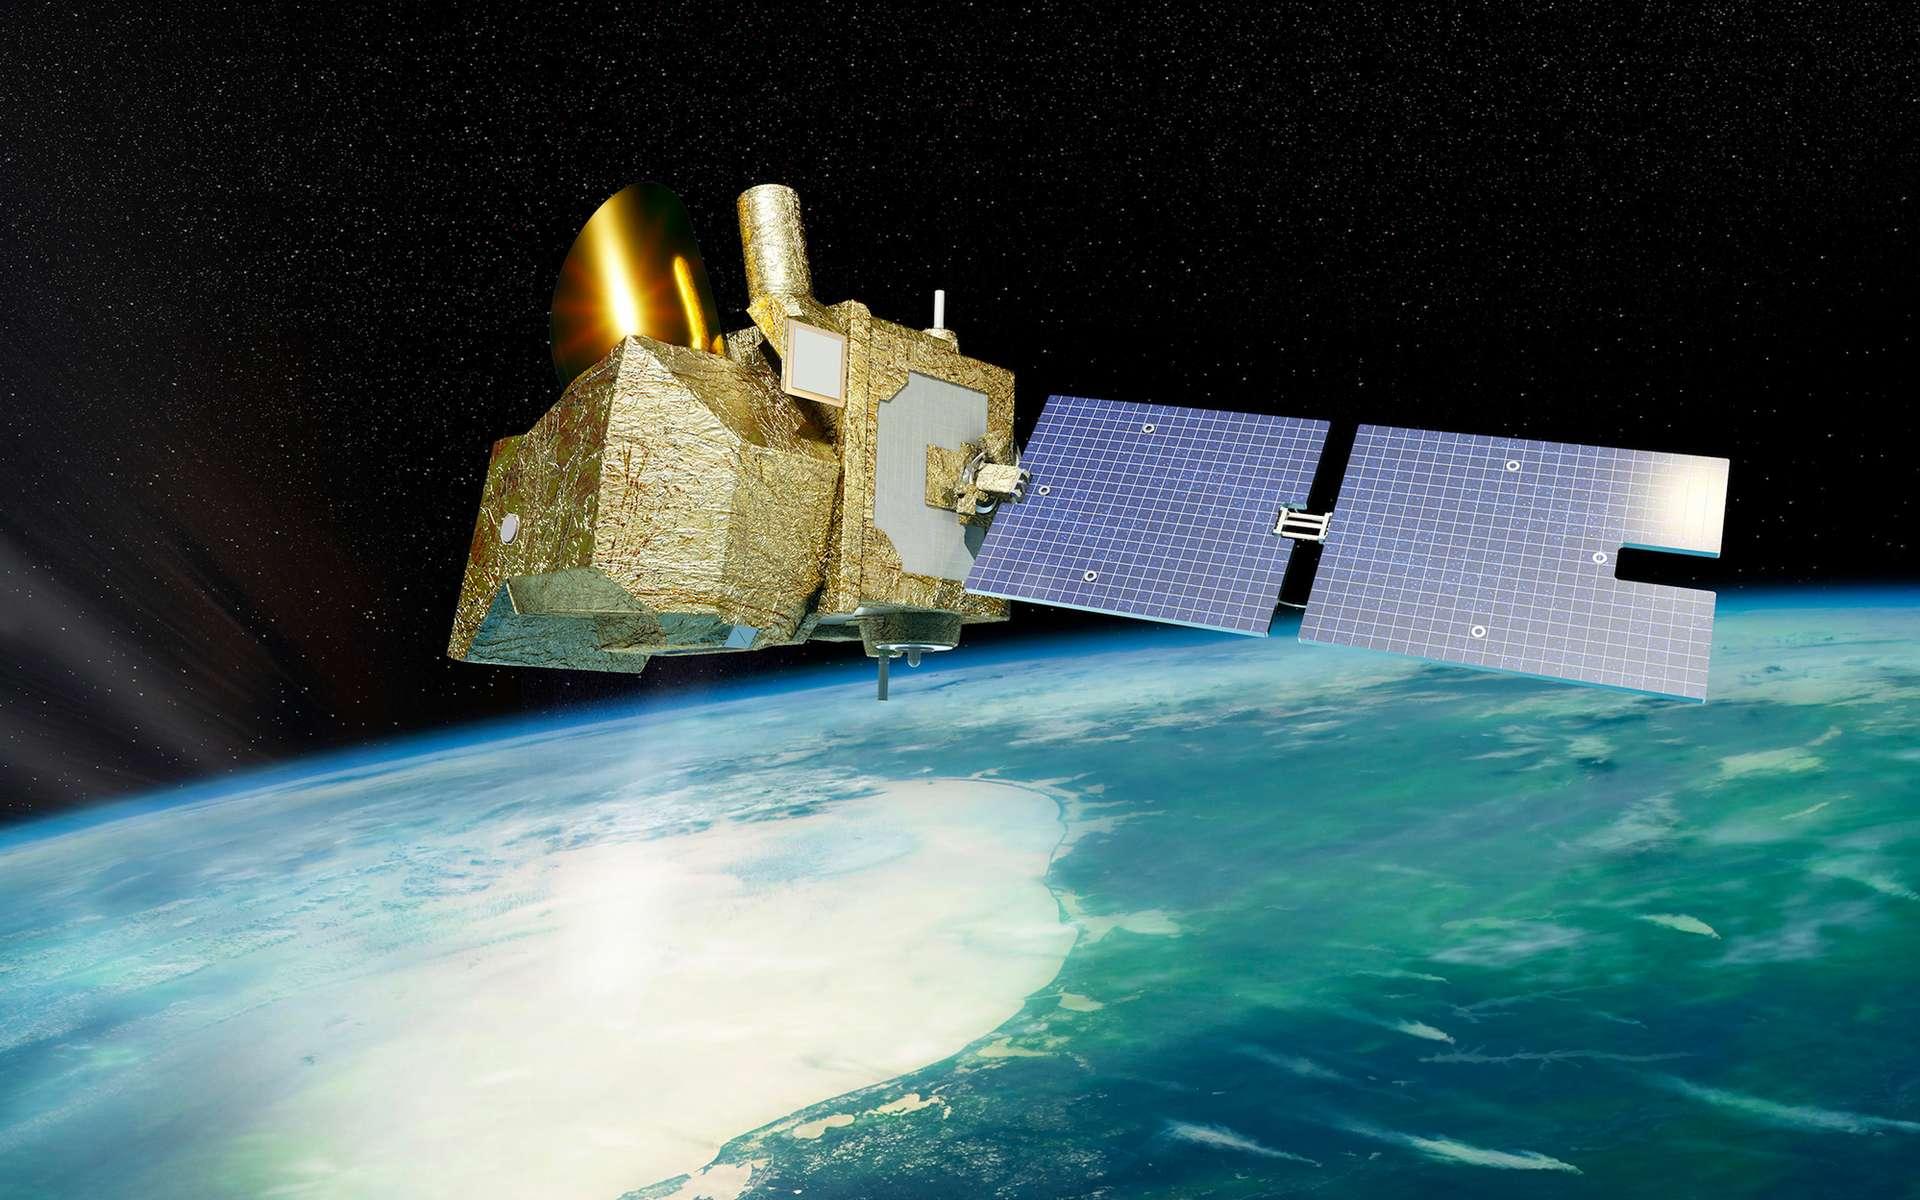 Vue d'artiste du satellite MicroCarb qui sera lancé en 2021 avec comme objectif de mesurer le CO2. Son unique instrument sera capable de fournir des mesures de concentration de dioxyde de carbone avec une précision de 1 ppm et les émissions de ce gaz produites par les usines, les villes, la végétation et les océans. © Cnes, Olivier Sattler